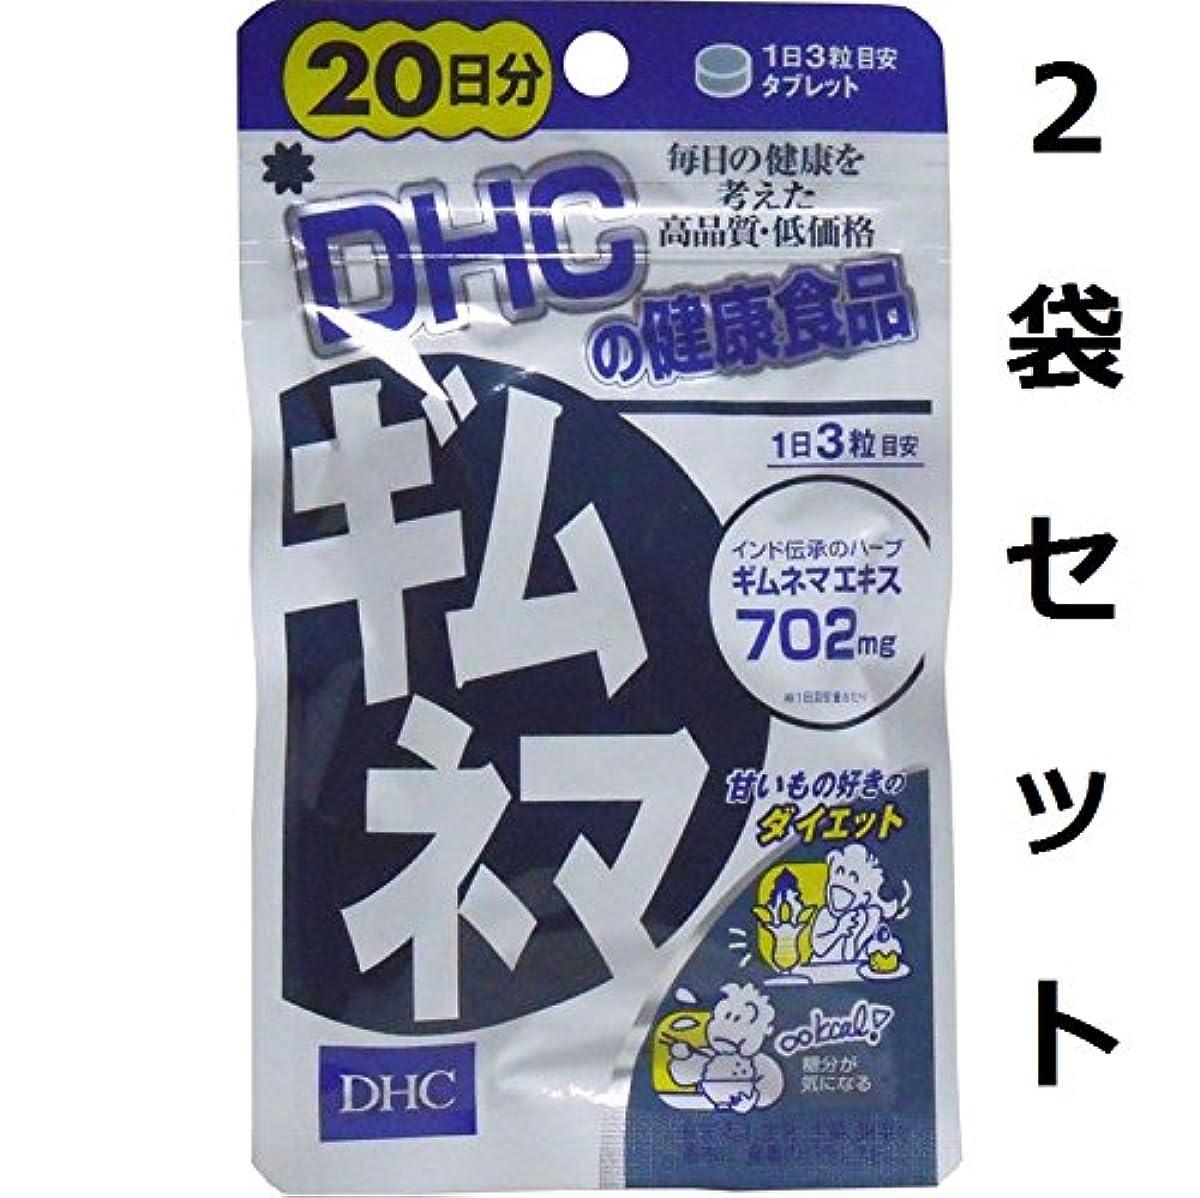 ネブニュース意味のある糖分や炭水化物を多く摂る人に DHC ギムネマ 20日分 60粒 2袋セット